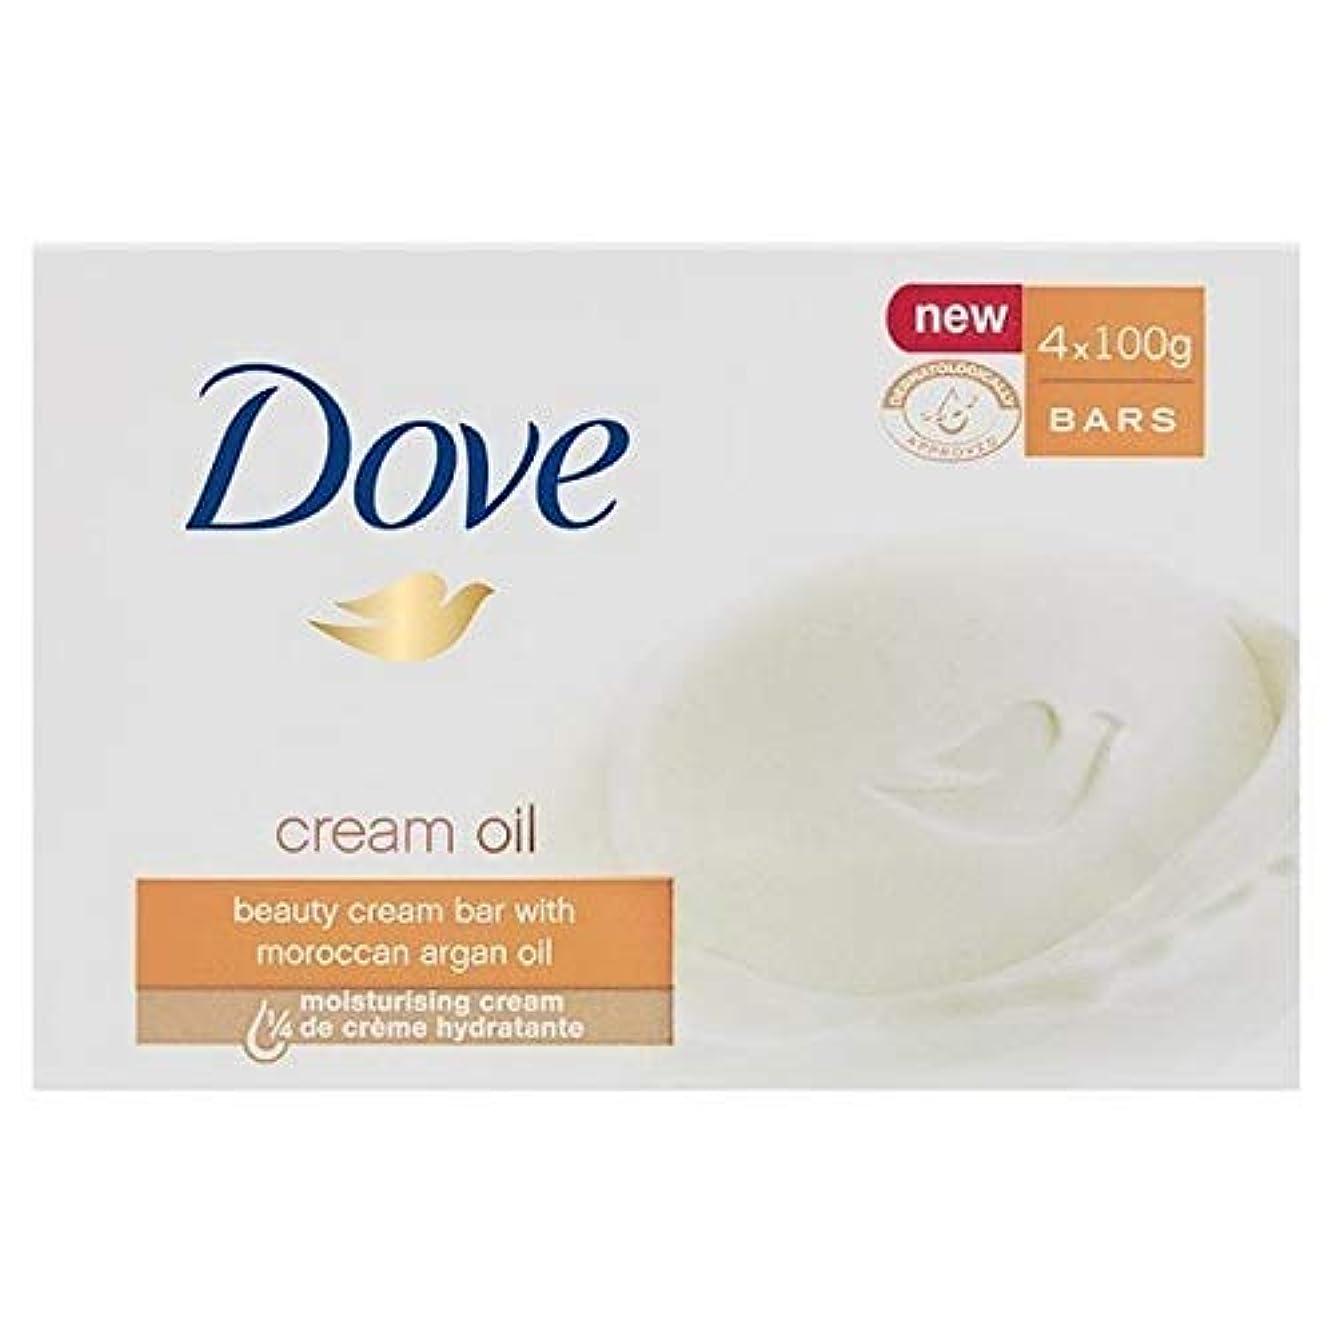 マトリックス教授出版[Dove ] アルガンオイル美容クリーム石鹸4×100グラムを剥離鳩 - Dove Exfoliating Argan Oil Beauty Cream Soap Bar 4 x 100g [並行輸入品]